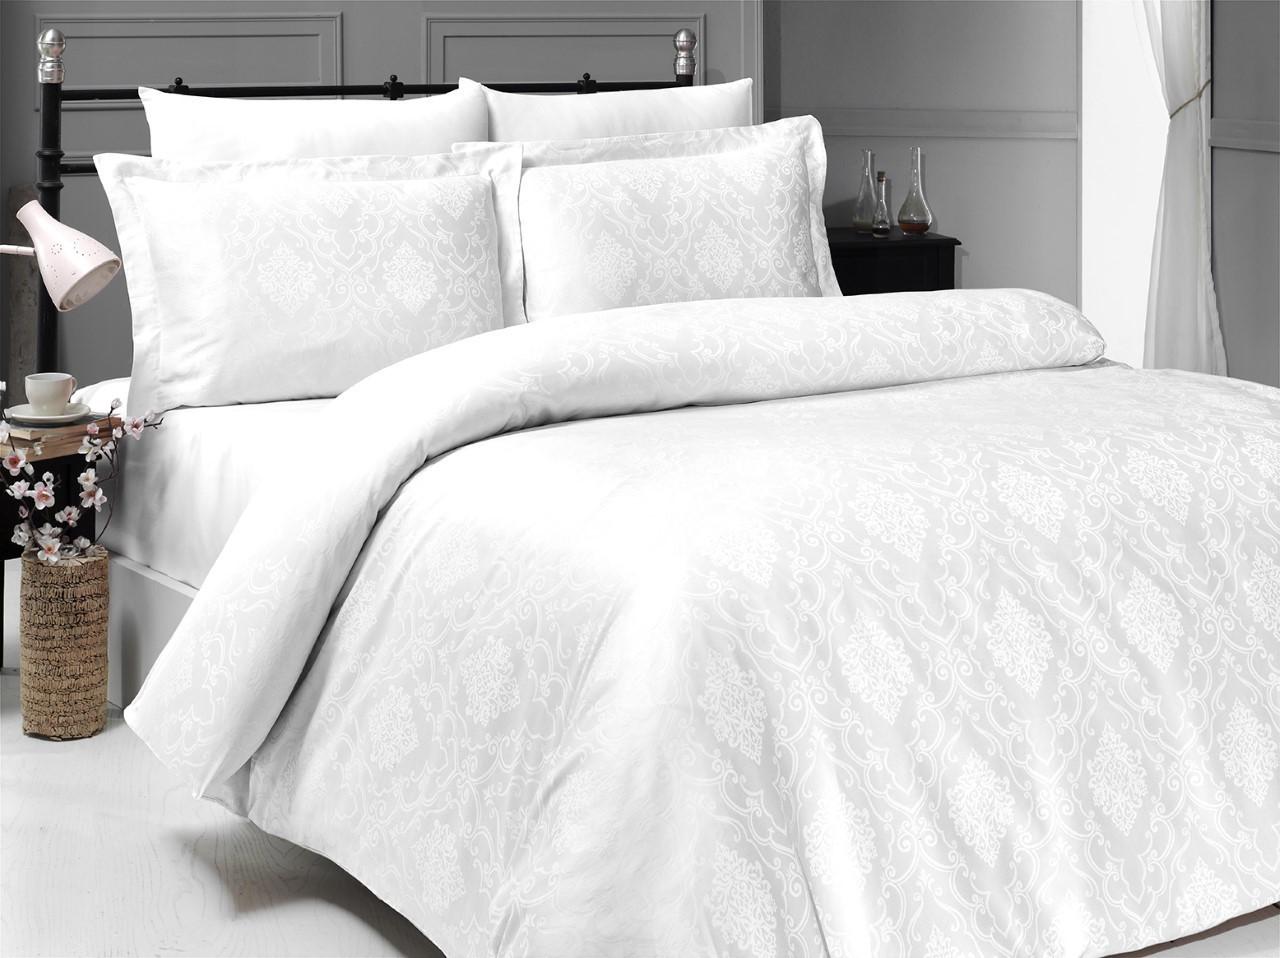 Как сохранить цвет белоснежного постельного белья